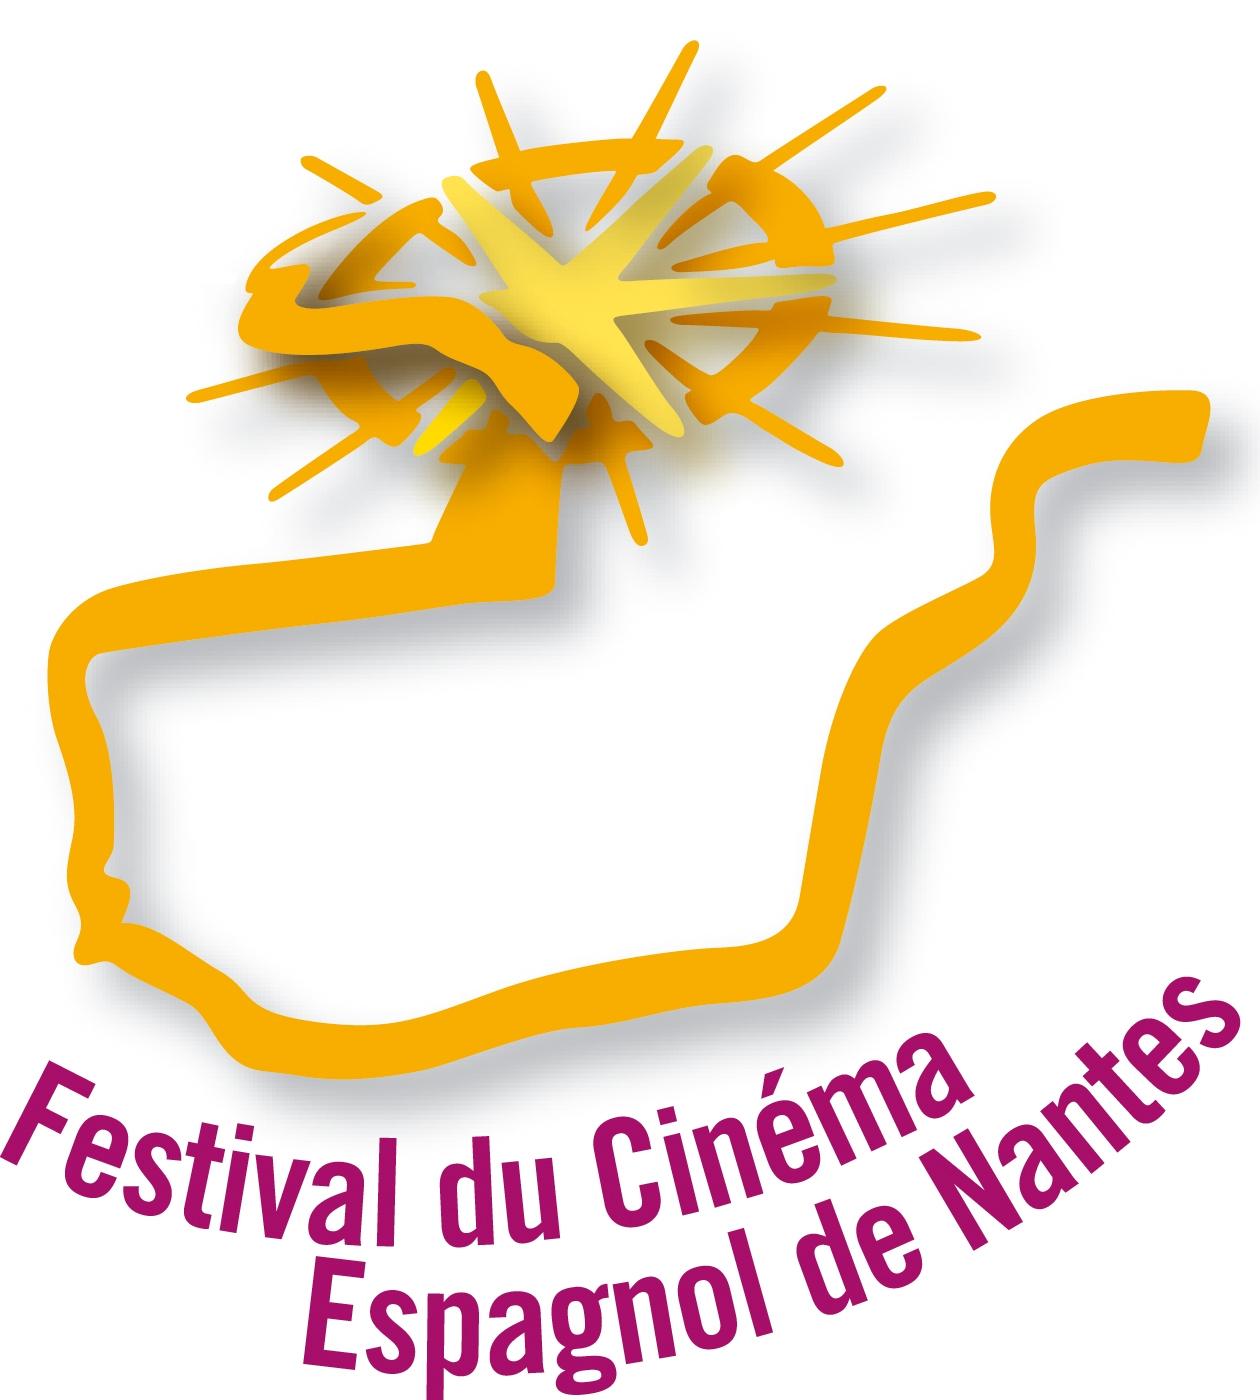 Logo Festival du Cinéma Espagnol de Nantes